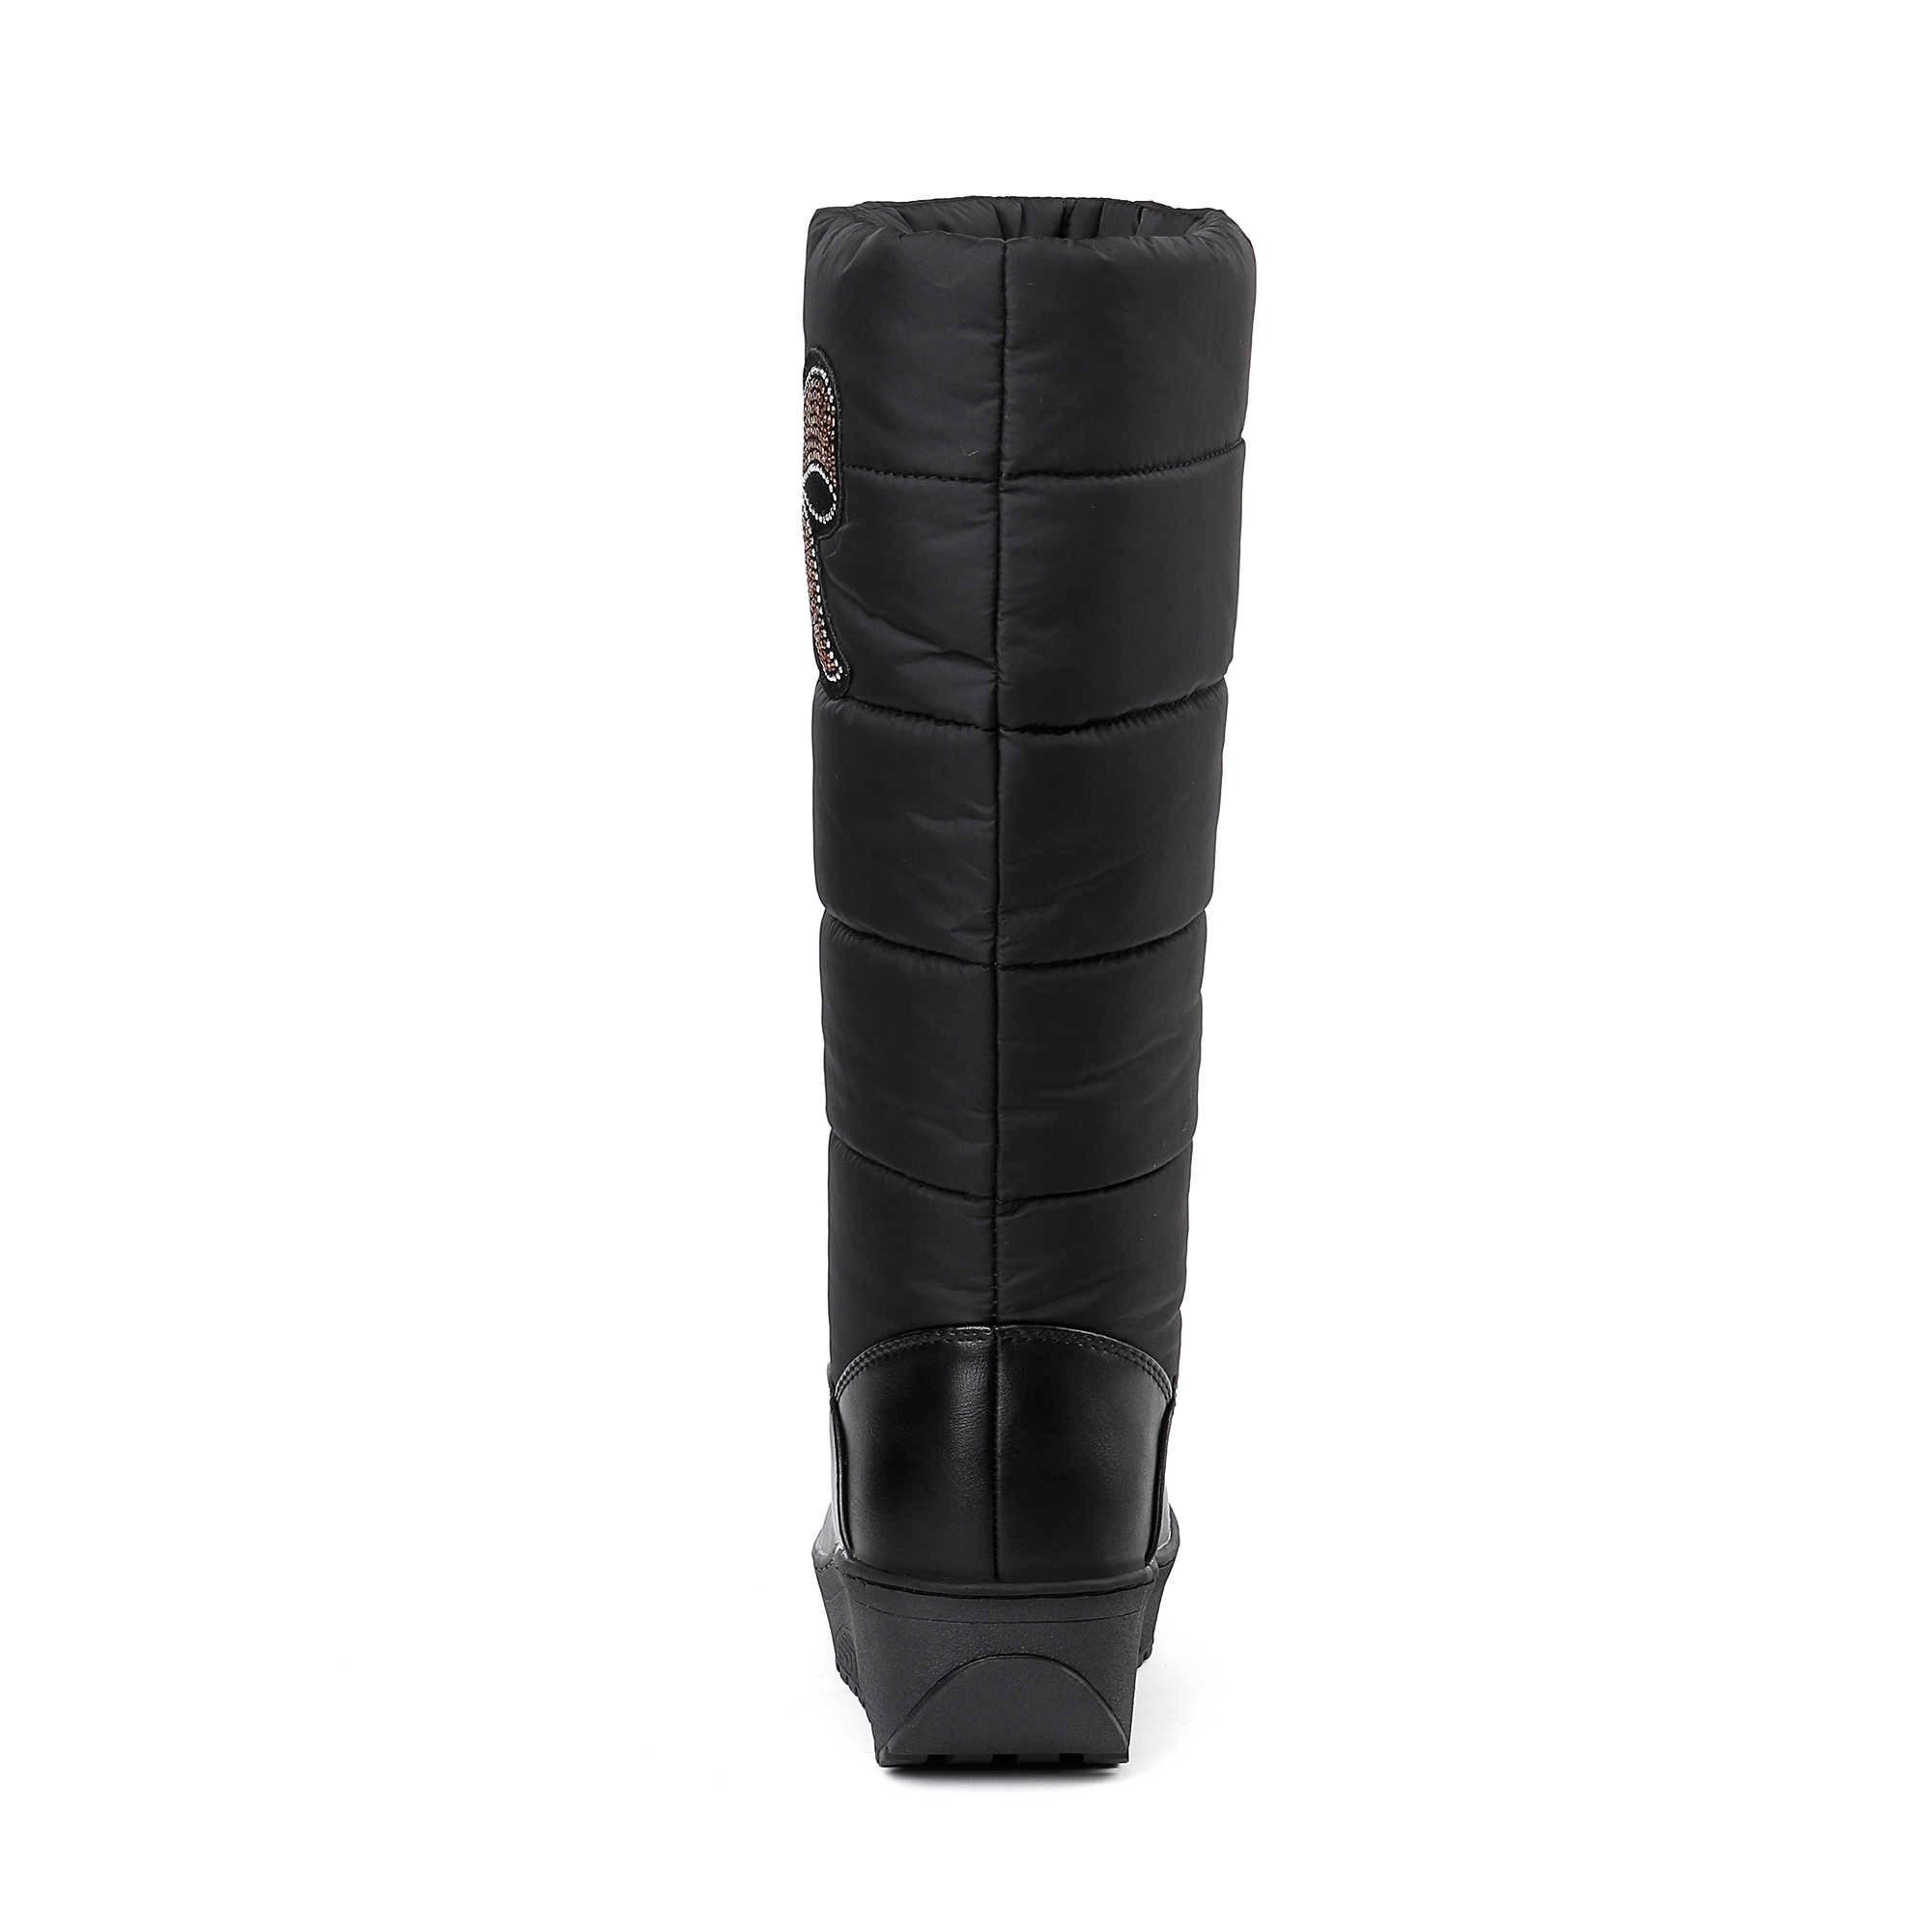 DORATASIA gümrükleme satış kadınlar kış sıcak peluş ayakkabı kadın orta buzağı kar botları kadın kış kalın kürk ayakkabı kadın 35-44